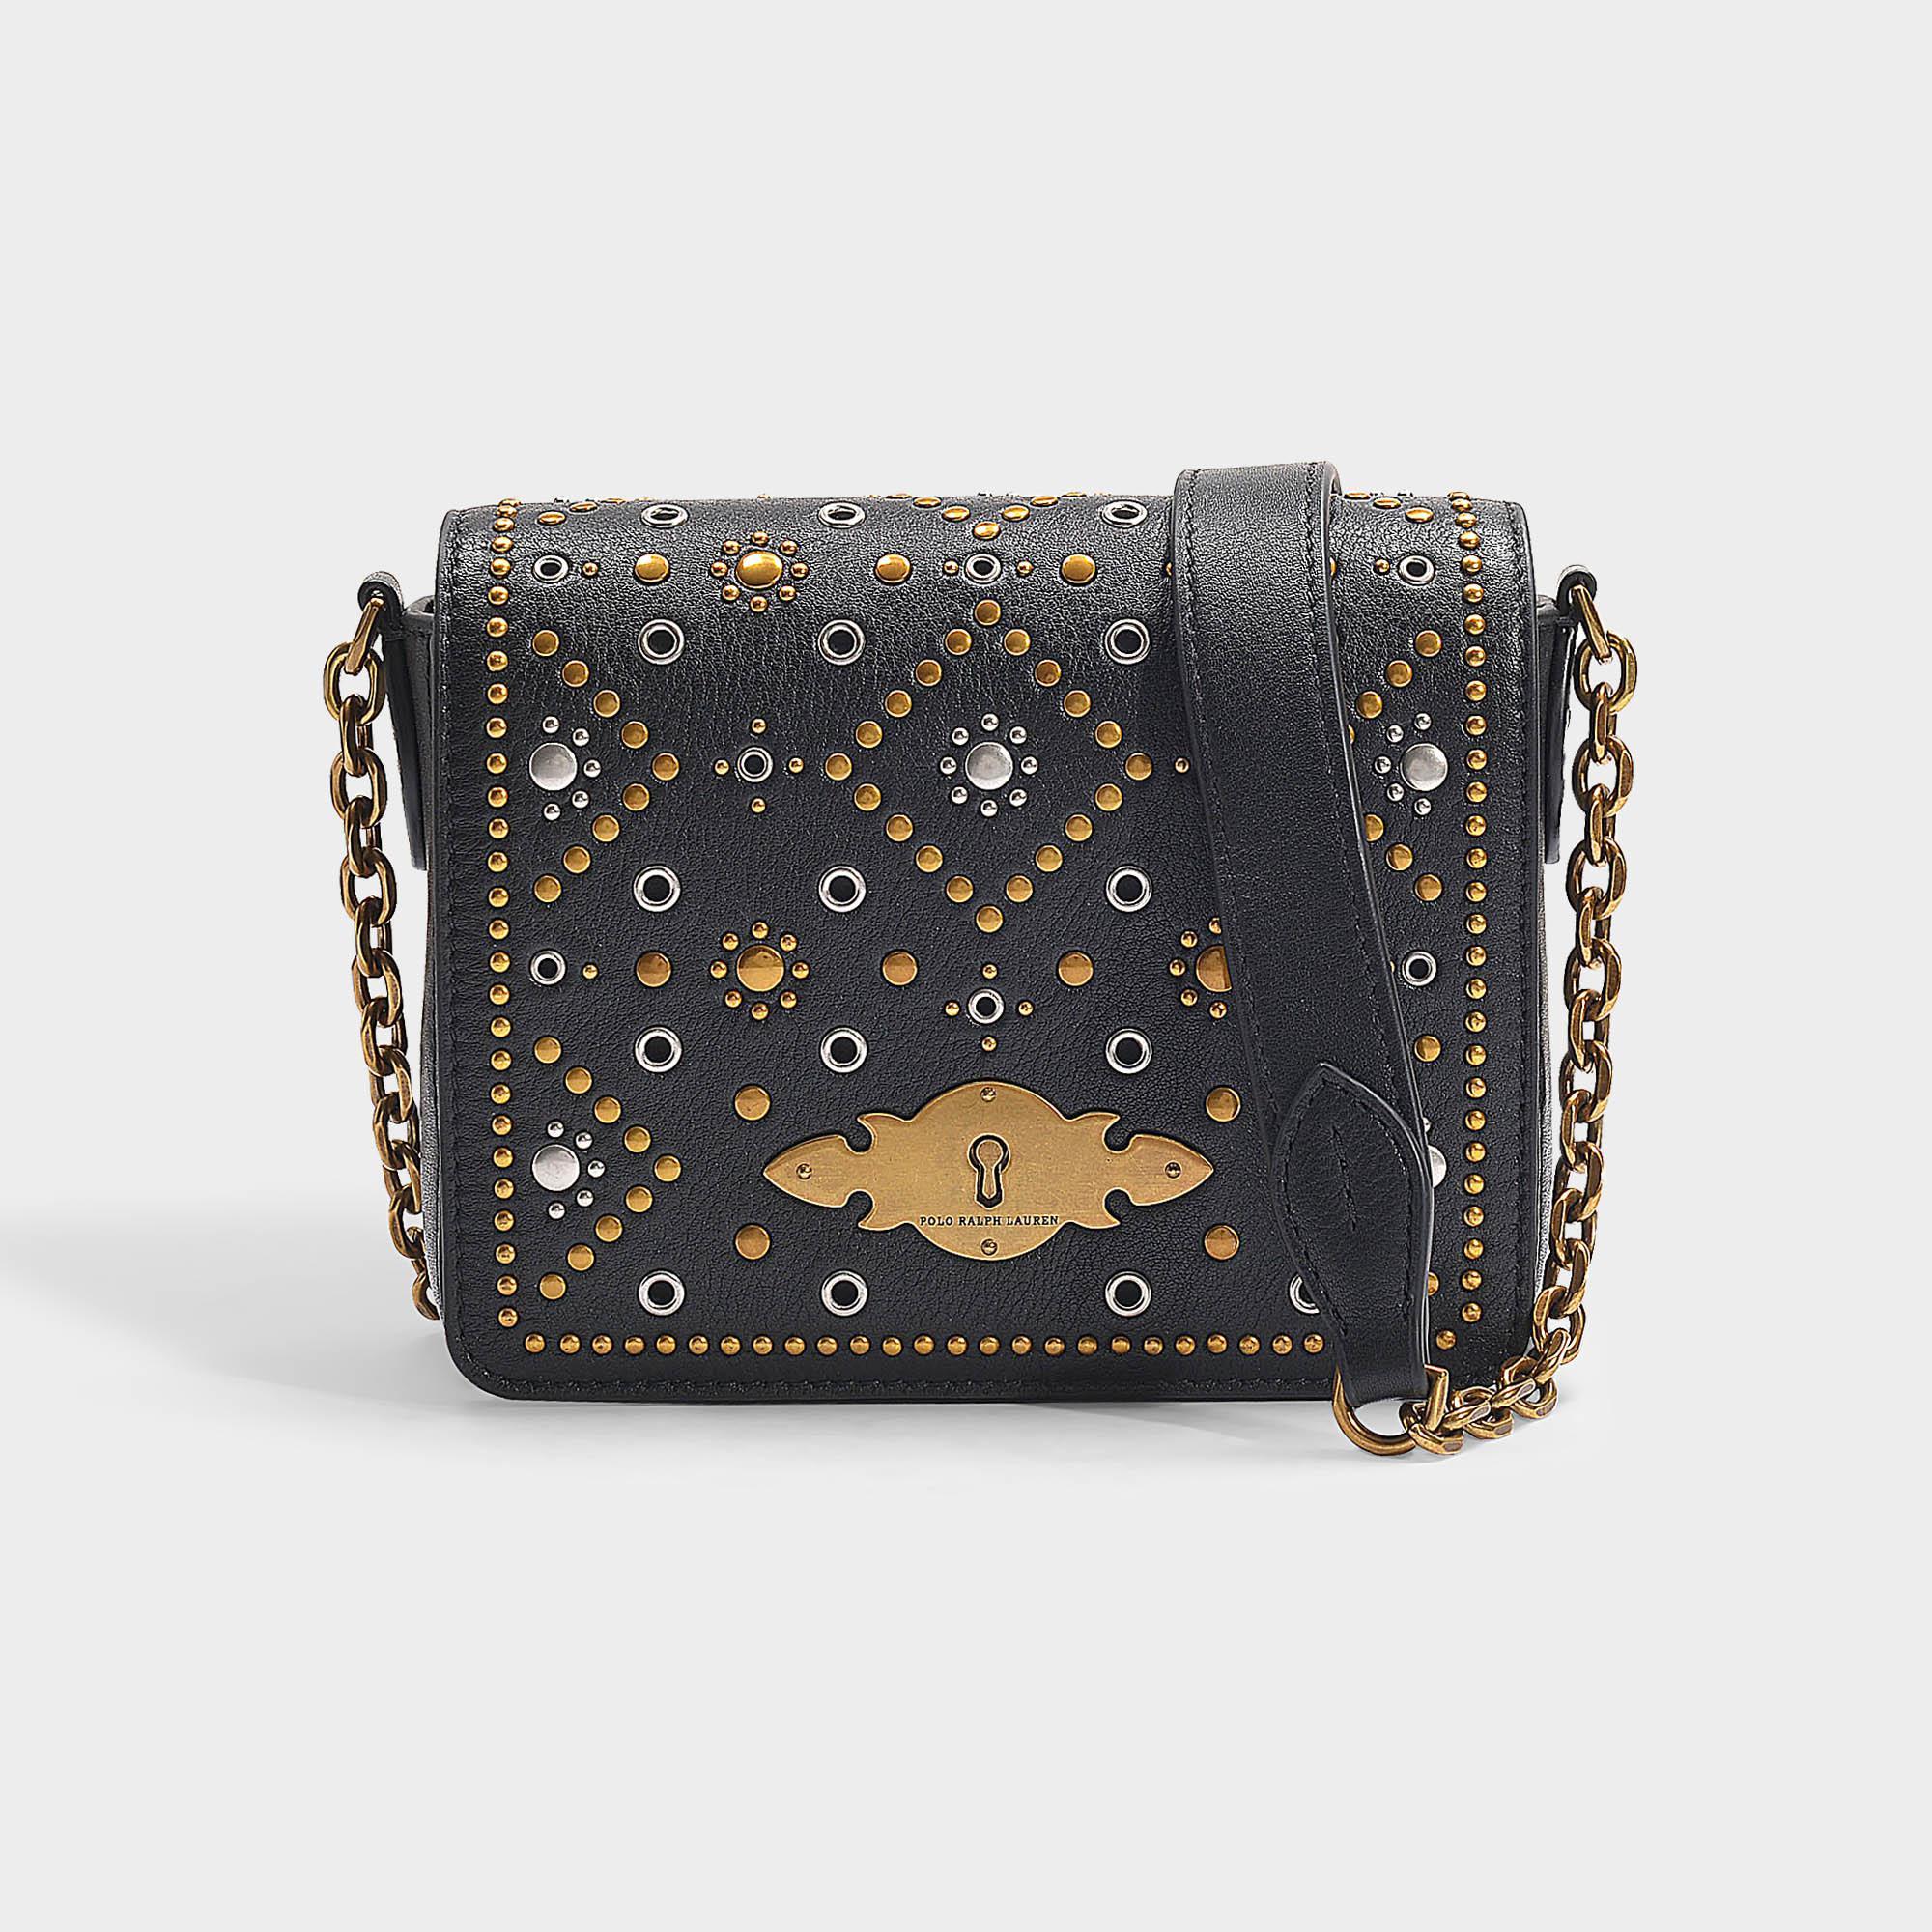 cef368d5ef994 Polo Ralph Lauren Handtasche mit Kettenriemen Brooke aus schwarzem ...